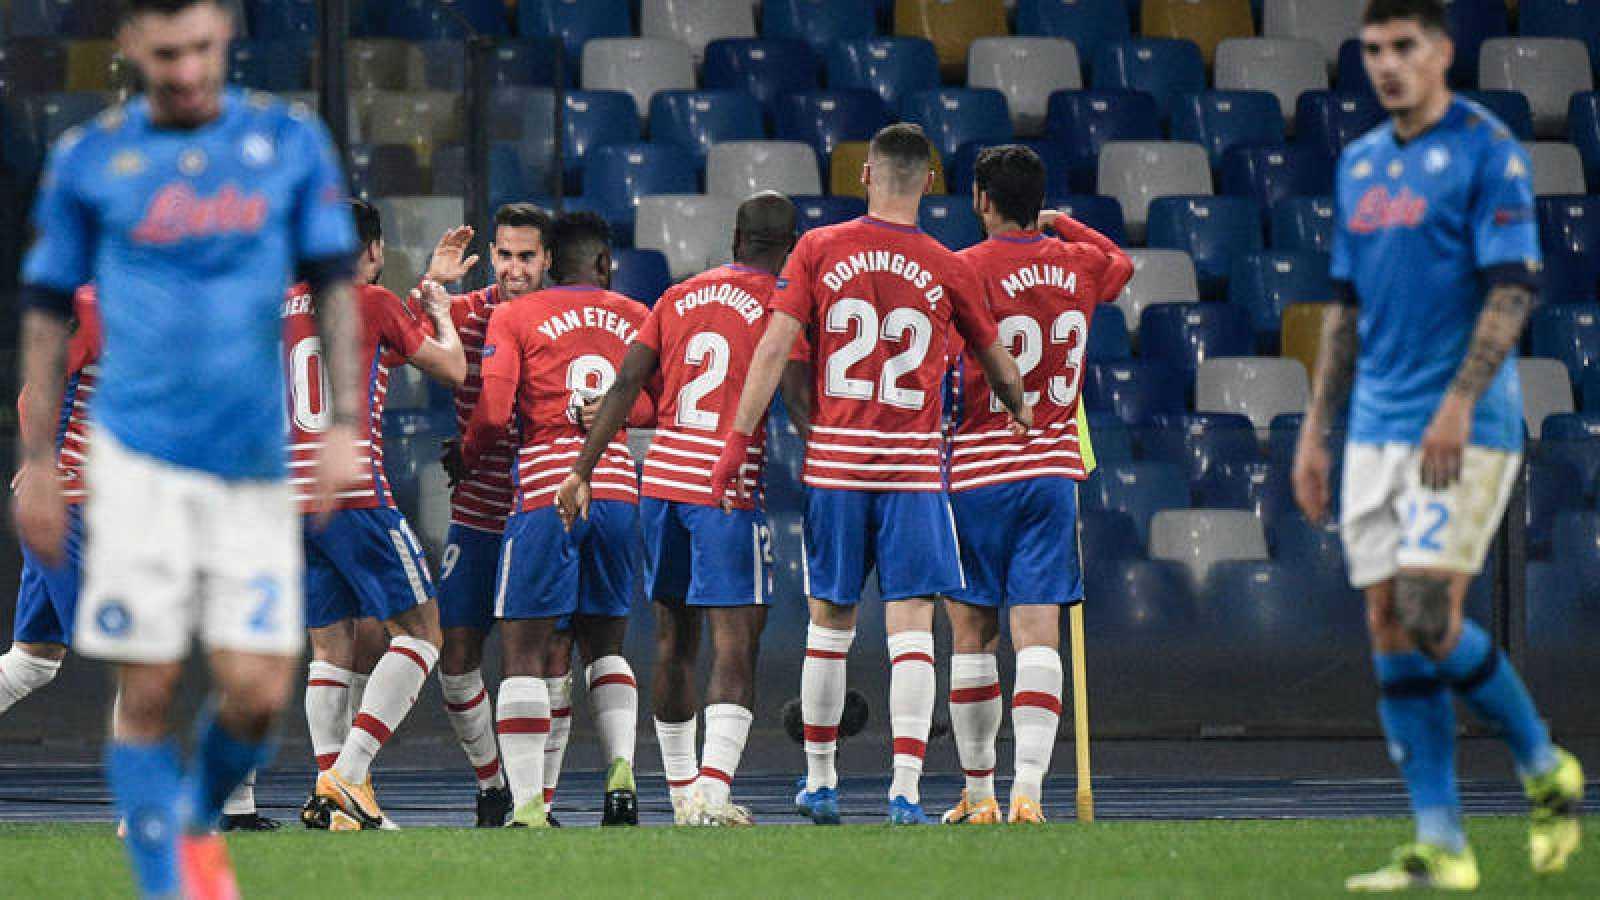 El Granada certifica el pase en Nápoles a pesar de la derrota y el Villarreal vuelve a vencer en casa. La Real Sociedad empata en Manchester donde sólo un milagro hubiese significado el pase de ronda.